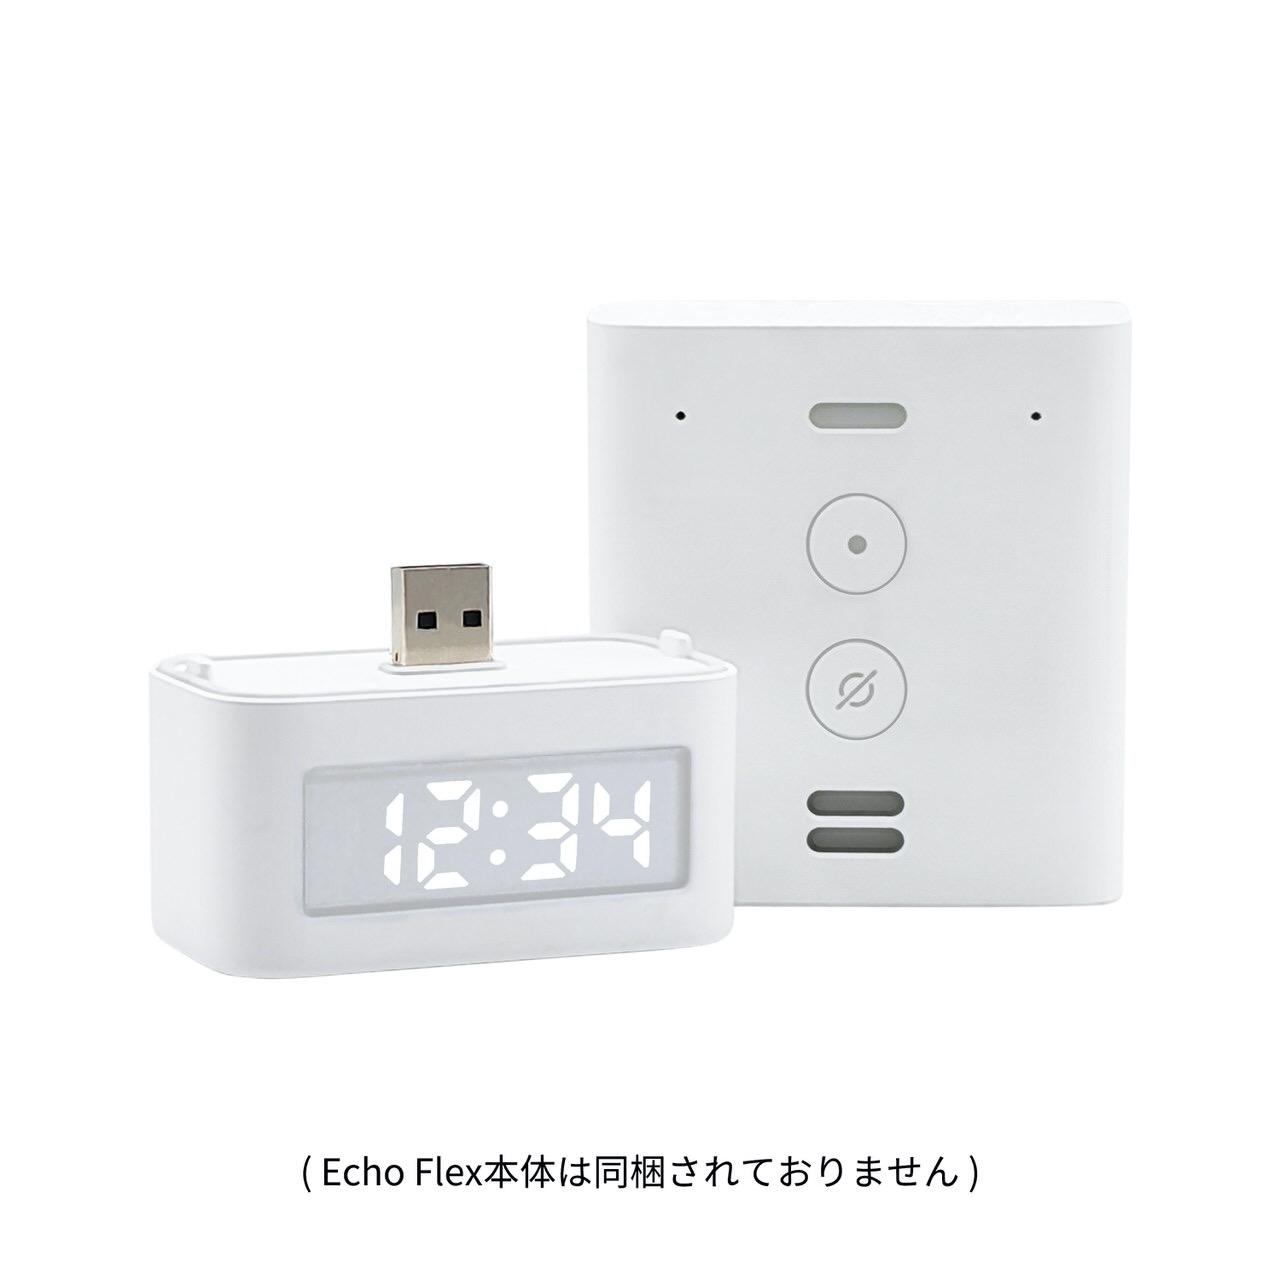 Amazon「Echo Flex」専用スマートクロックを発表 〜8月11日より1,780円で発売開始